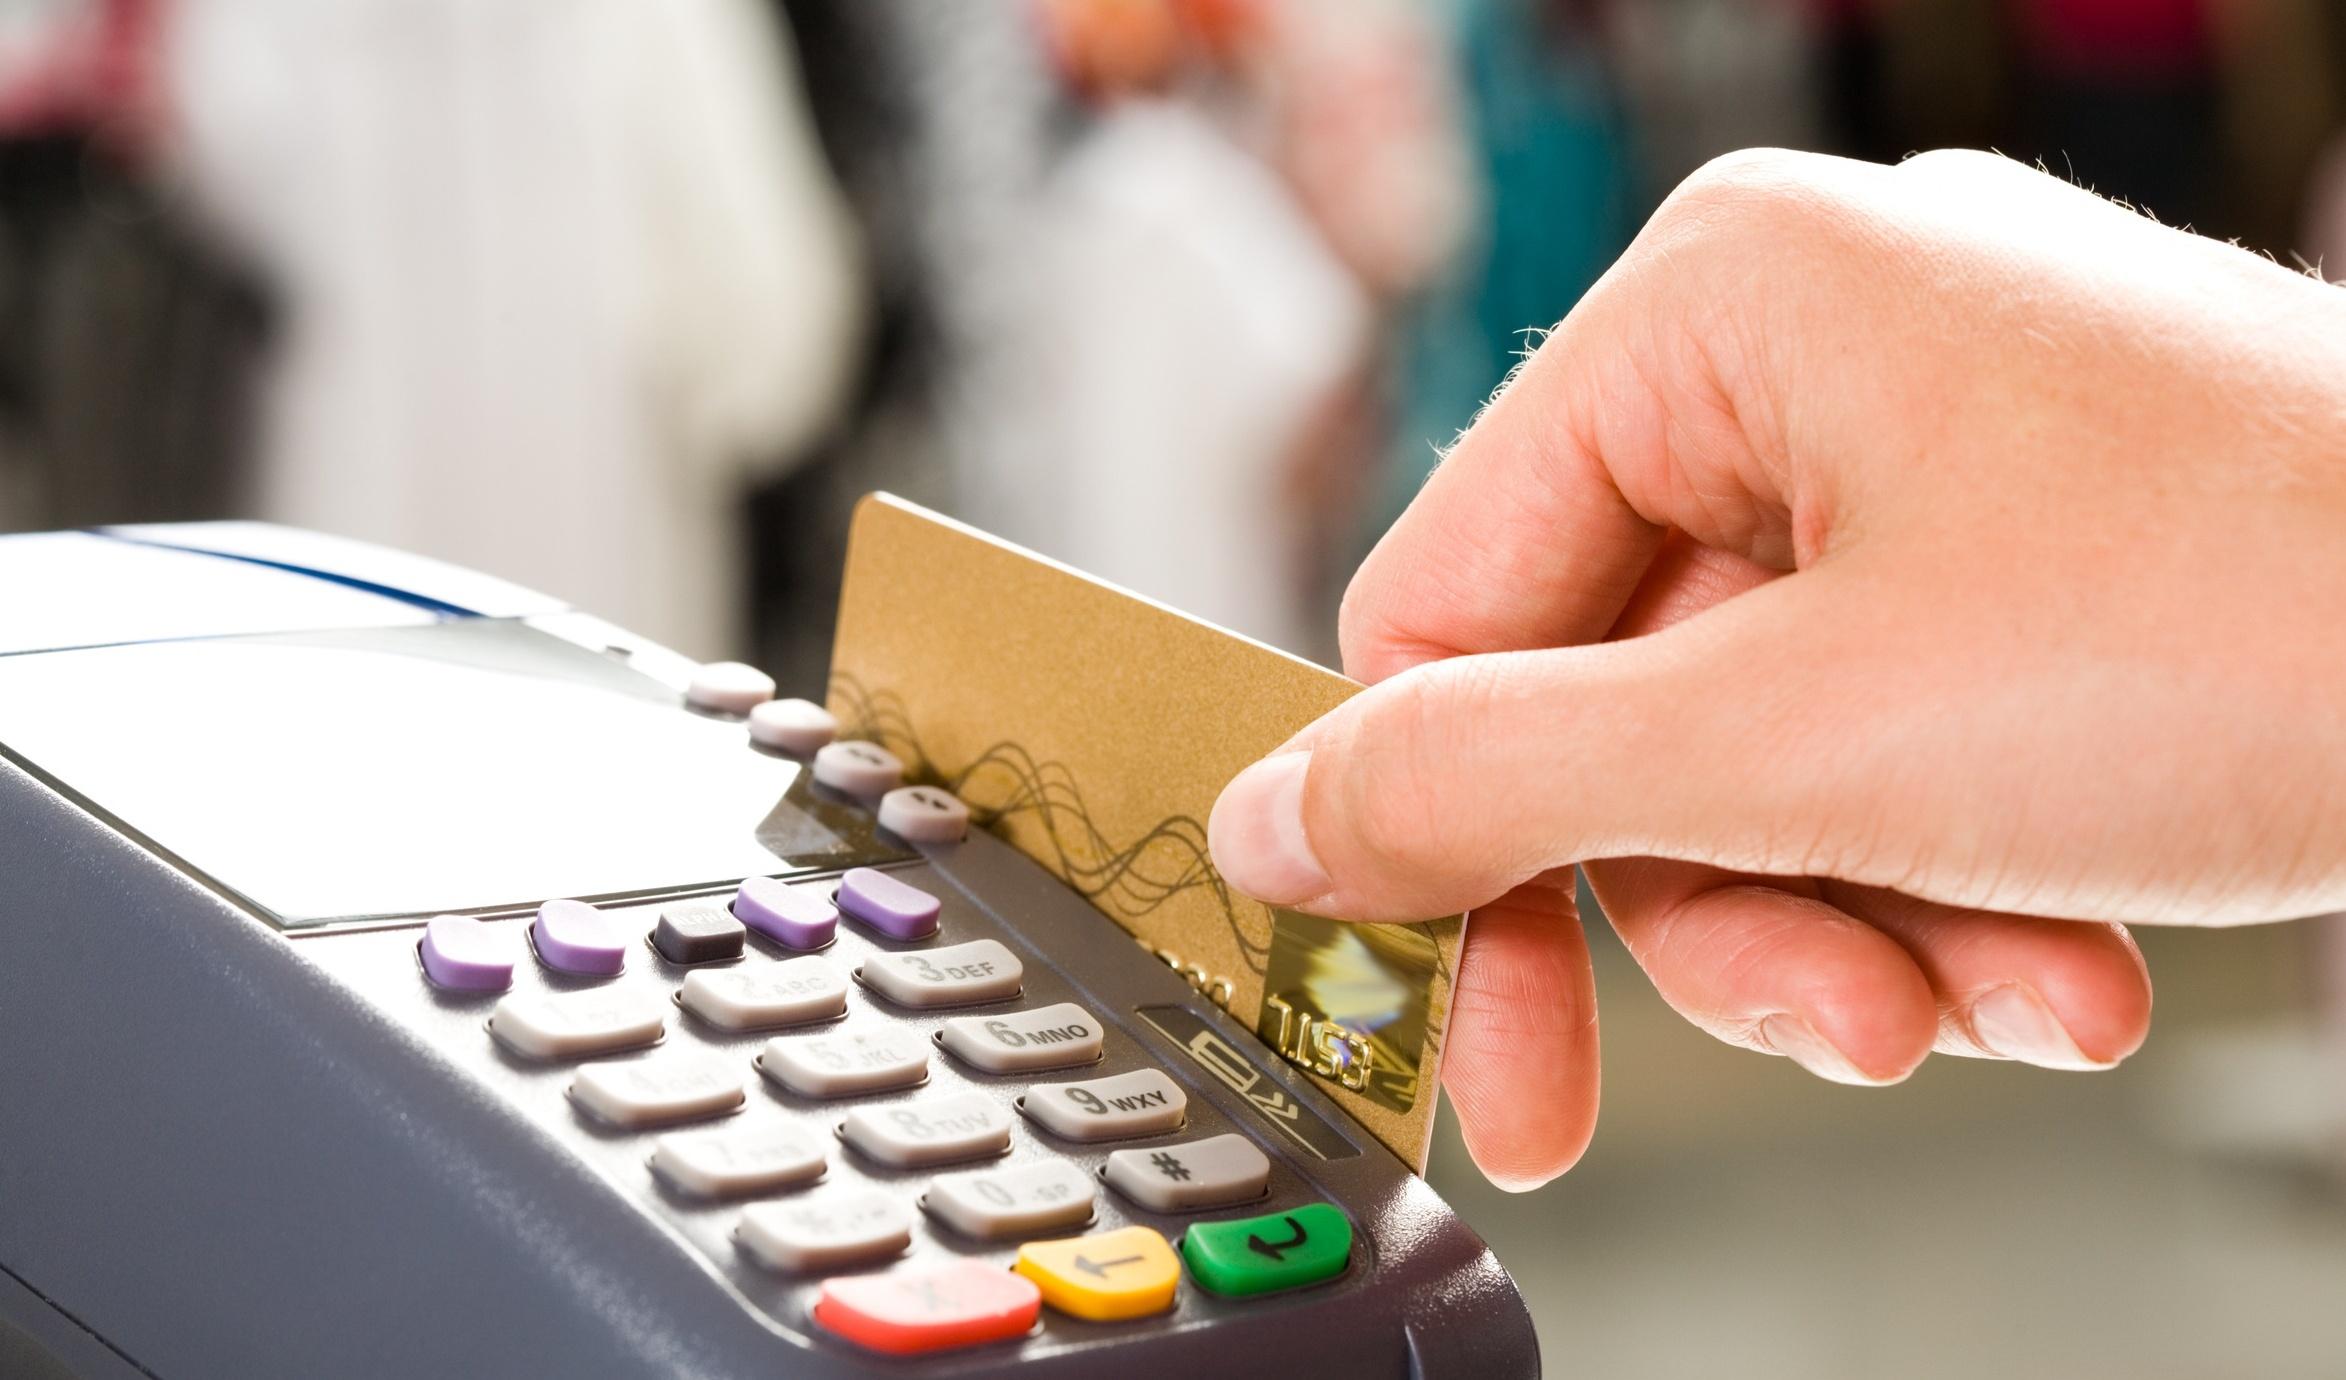 membayar dengan kartu kredit